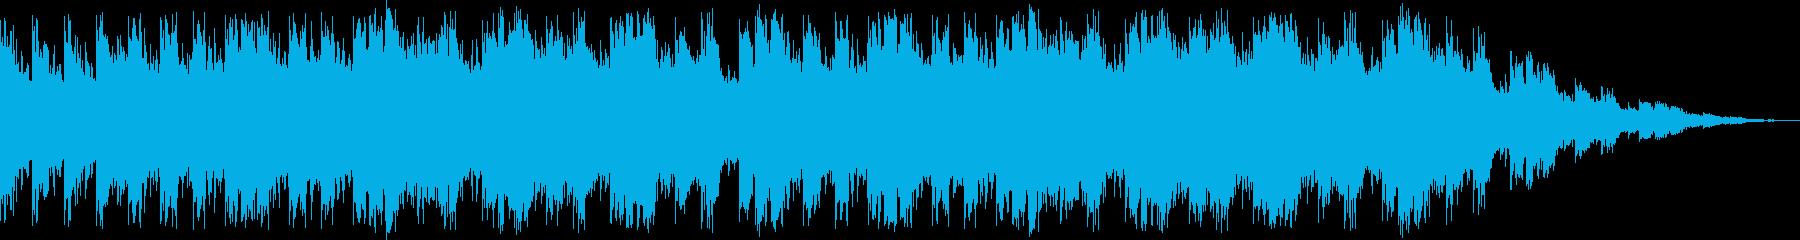 マズルカをアレンジしました。の再生済みの波形